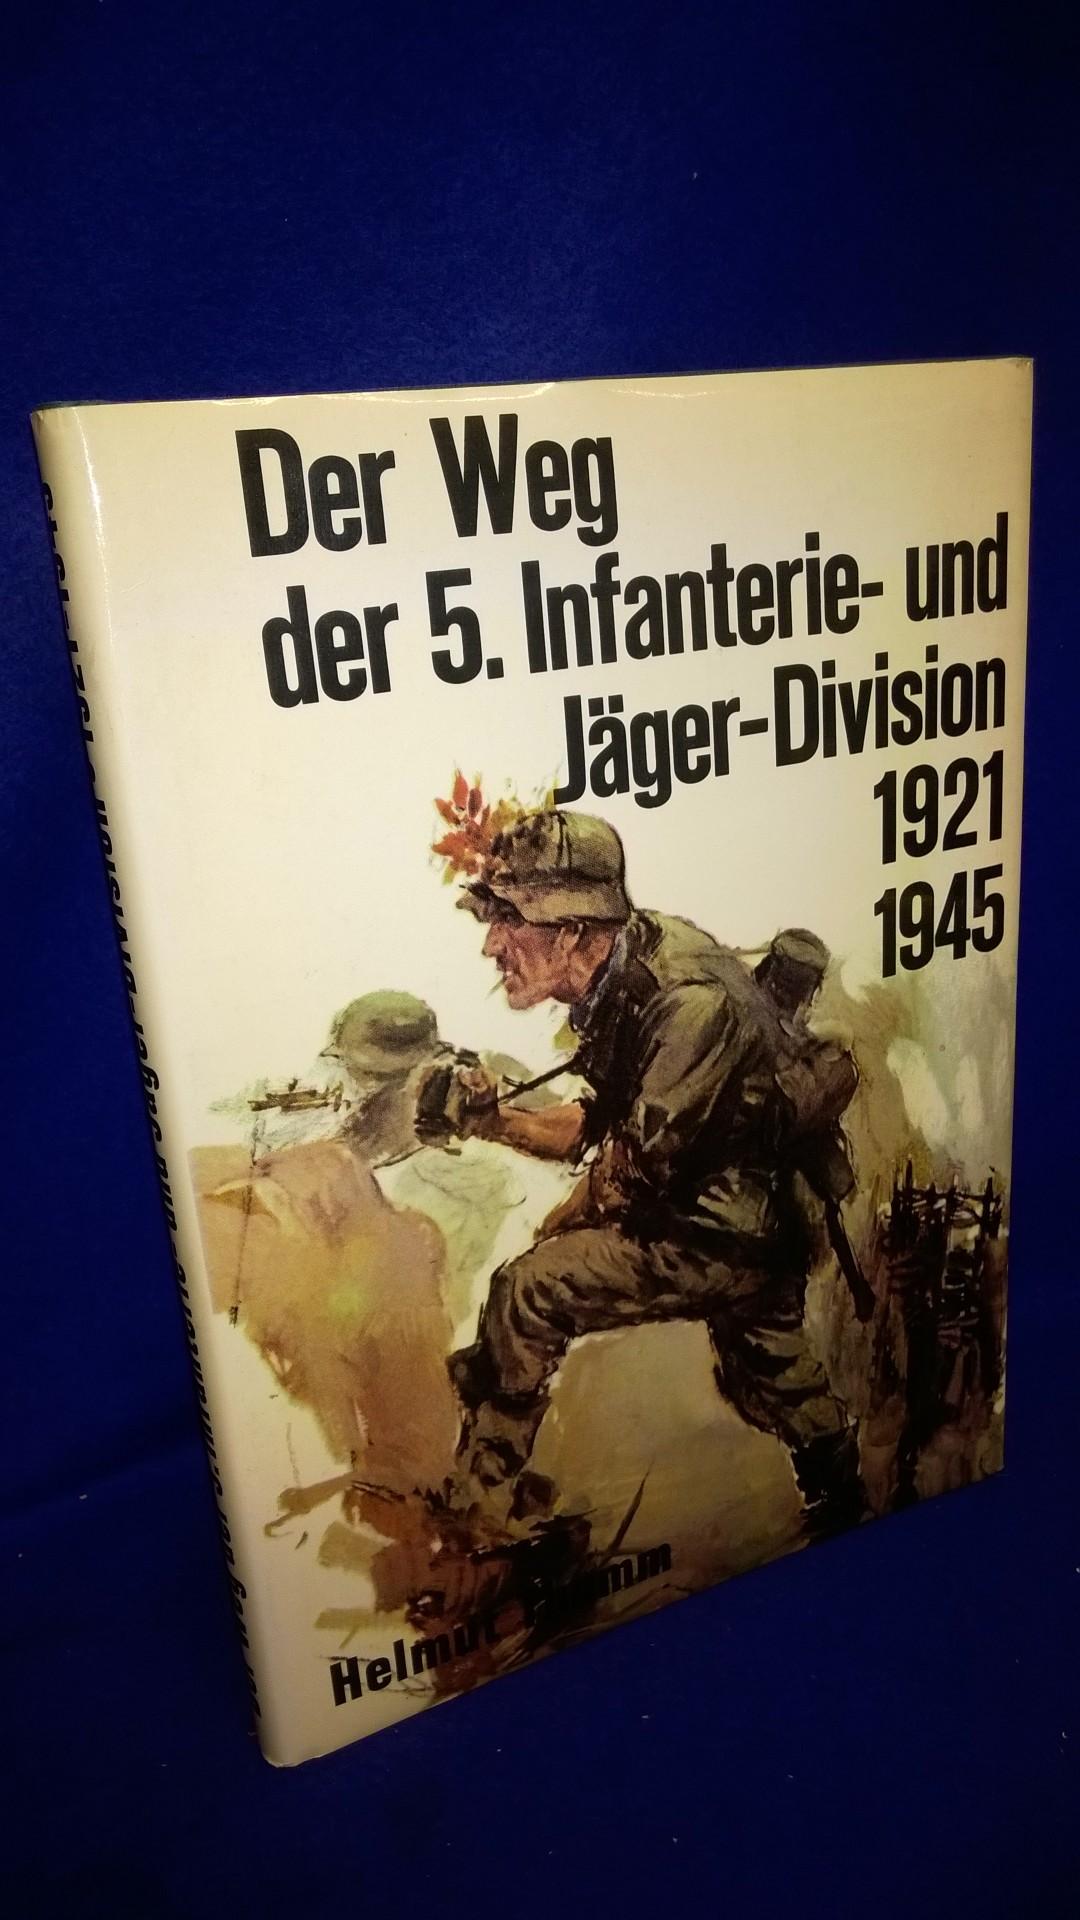 Der Weg der 5. Infanterie- und Jäger-Division 1921-1945.